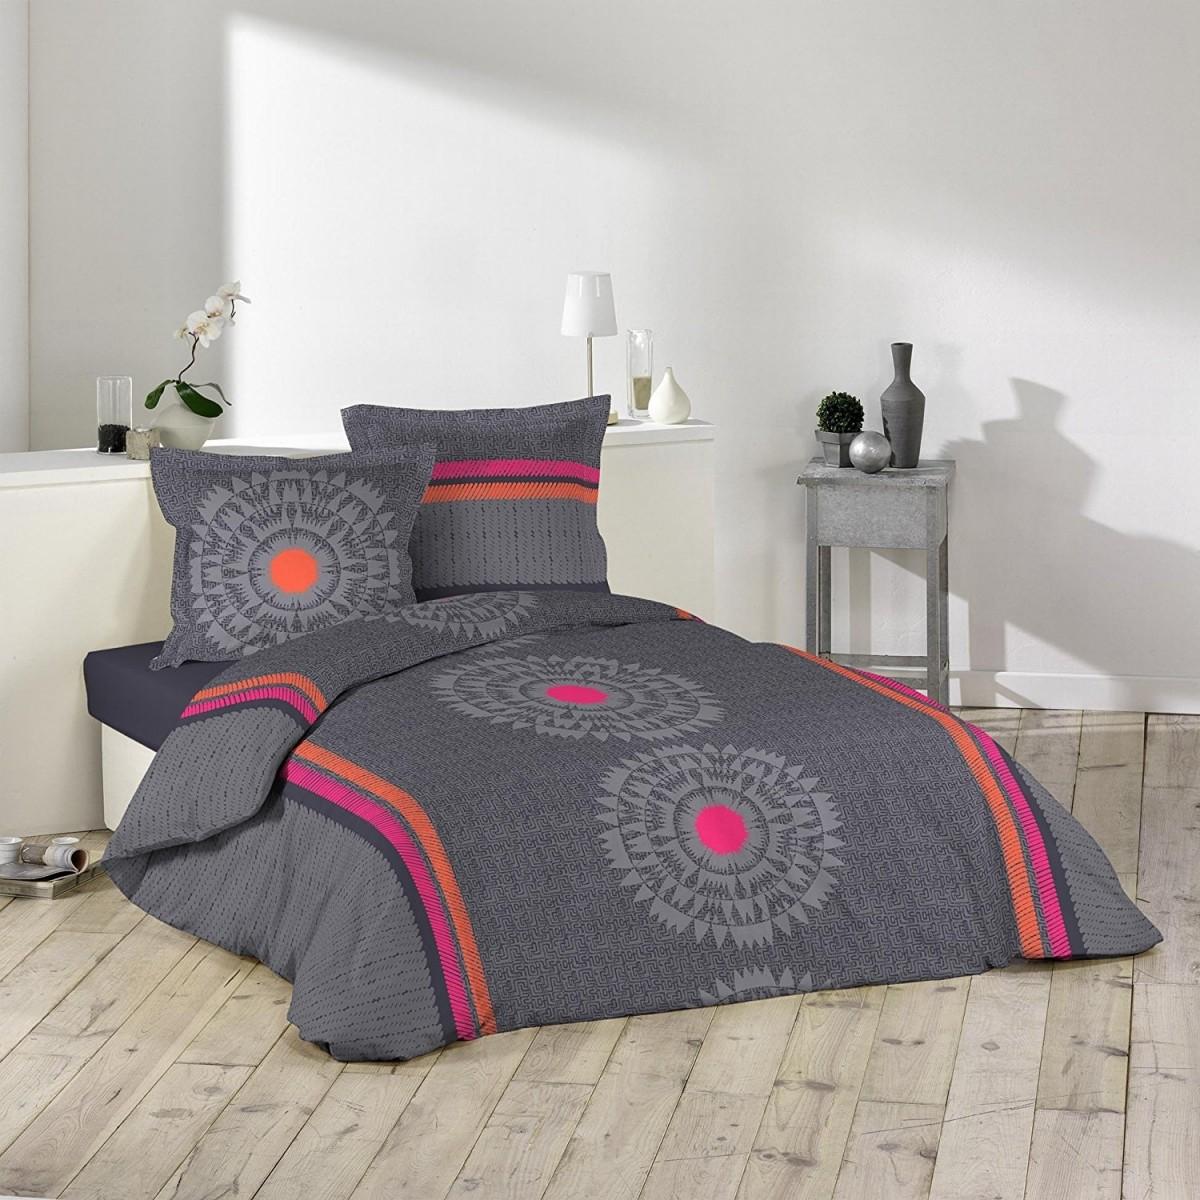 parure housse de couette 240 x 220 cm modele bohemian. Black Bedroom Furniture Sets. Home Design Ideas